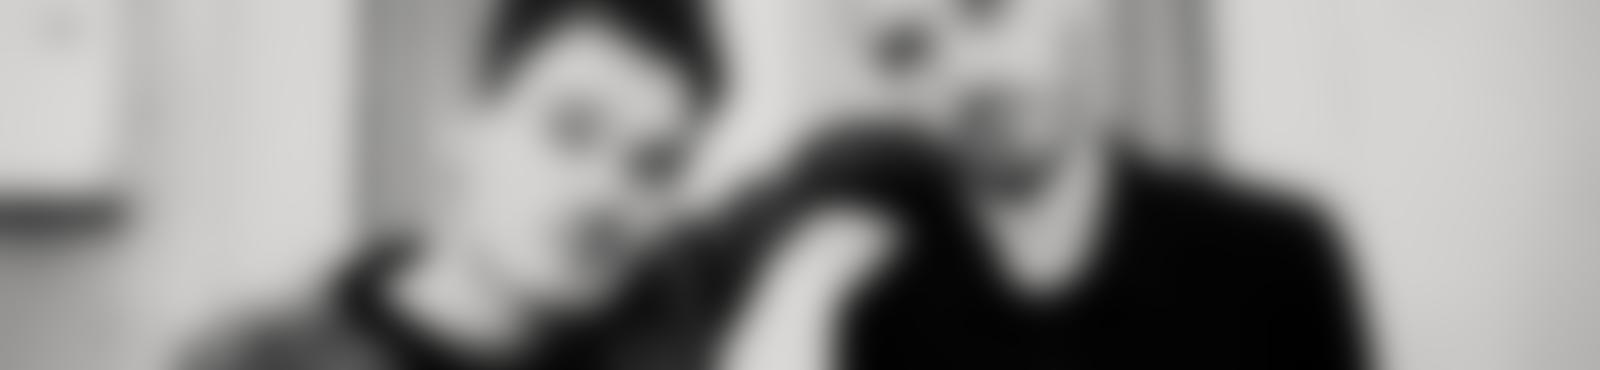 Blurred 8441fbad c67a 4b3a a131 83f2aa846954